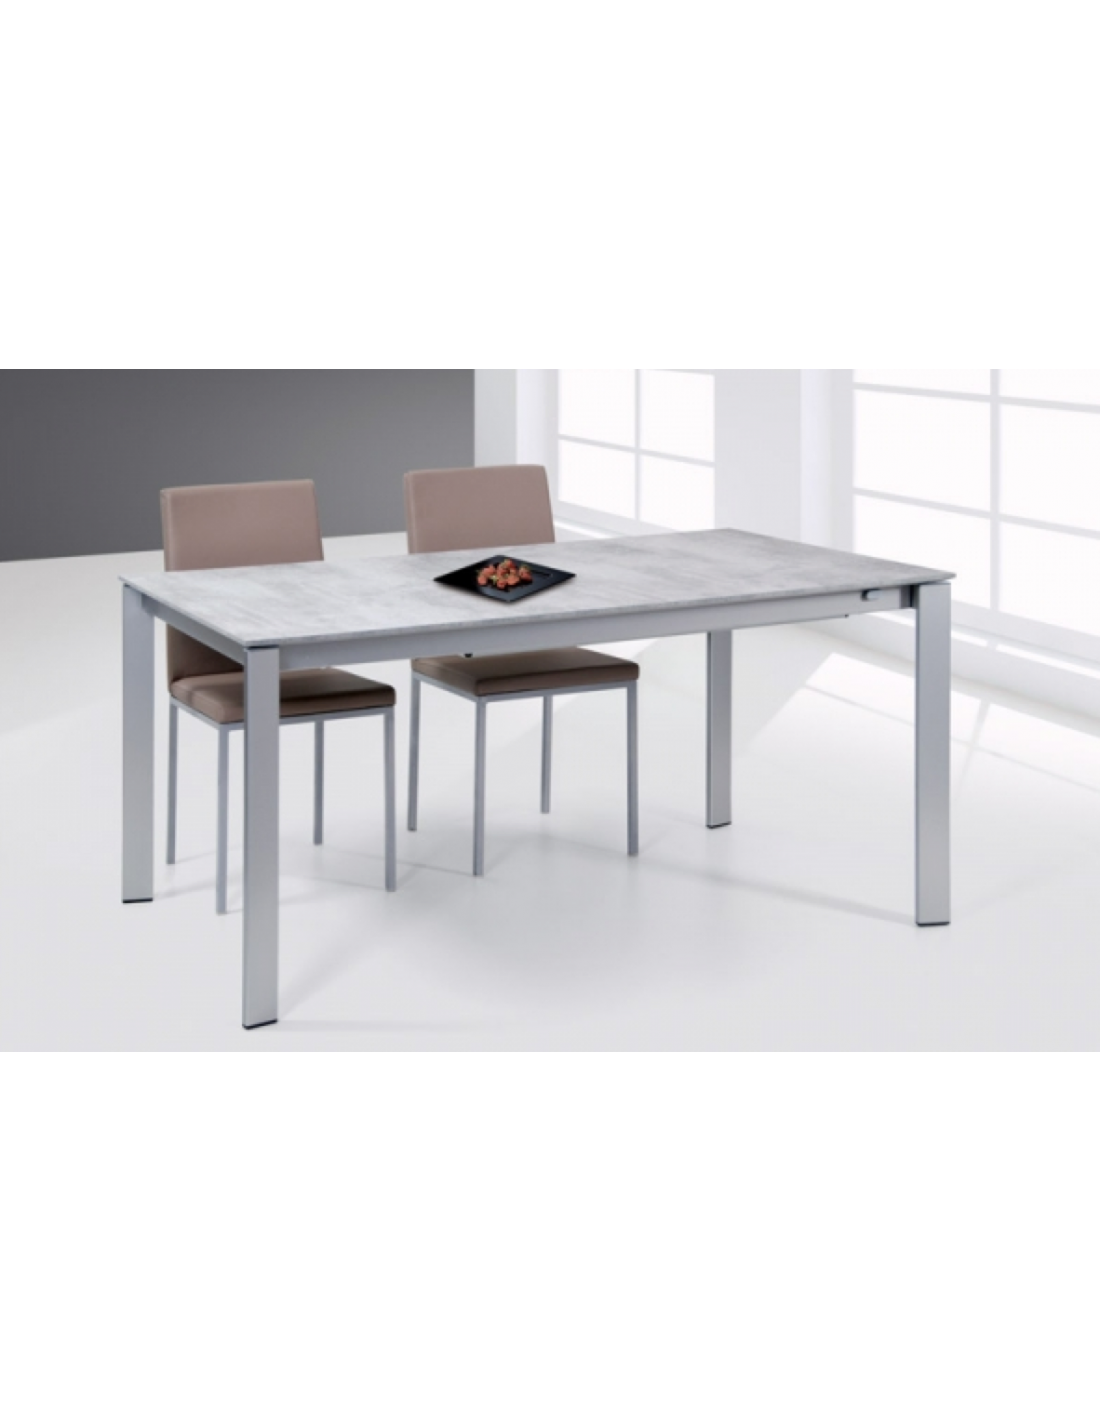 Tavolo in metallo allungabile rettangolare art 2295 - Tavolo rettangolare allungabile ...